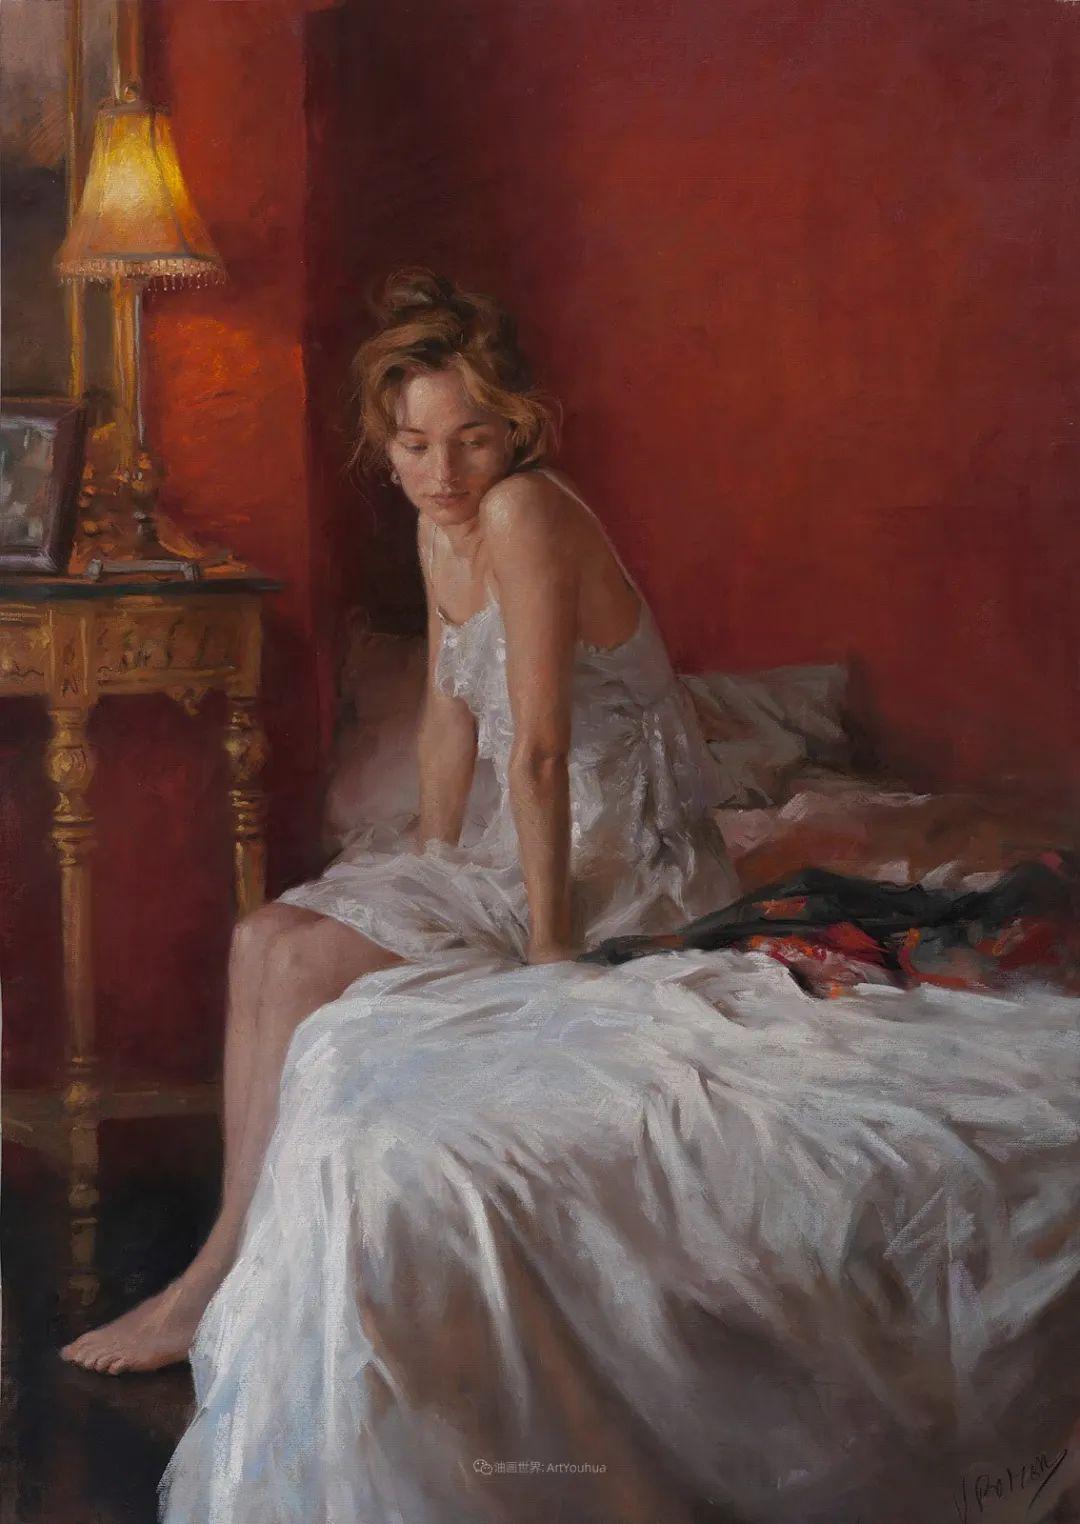 地中海暖阳下,穿裙的女子,浪漫美丽!插图44